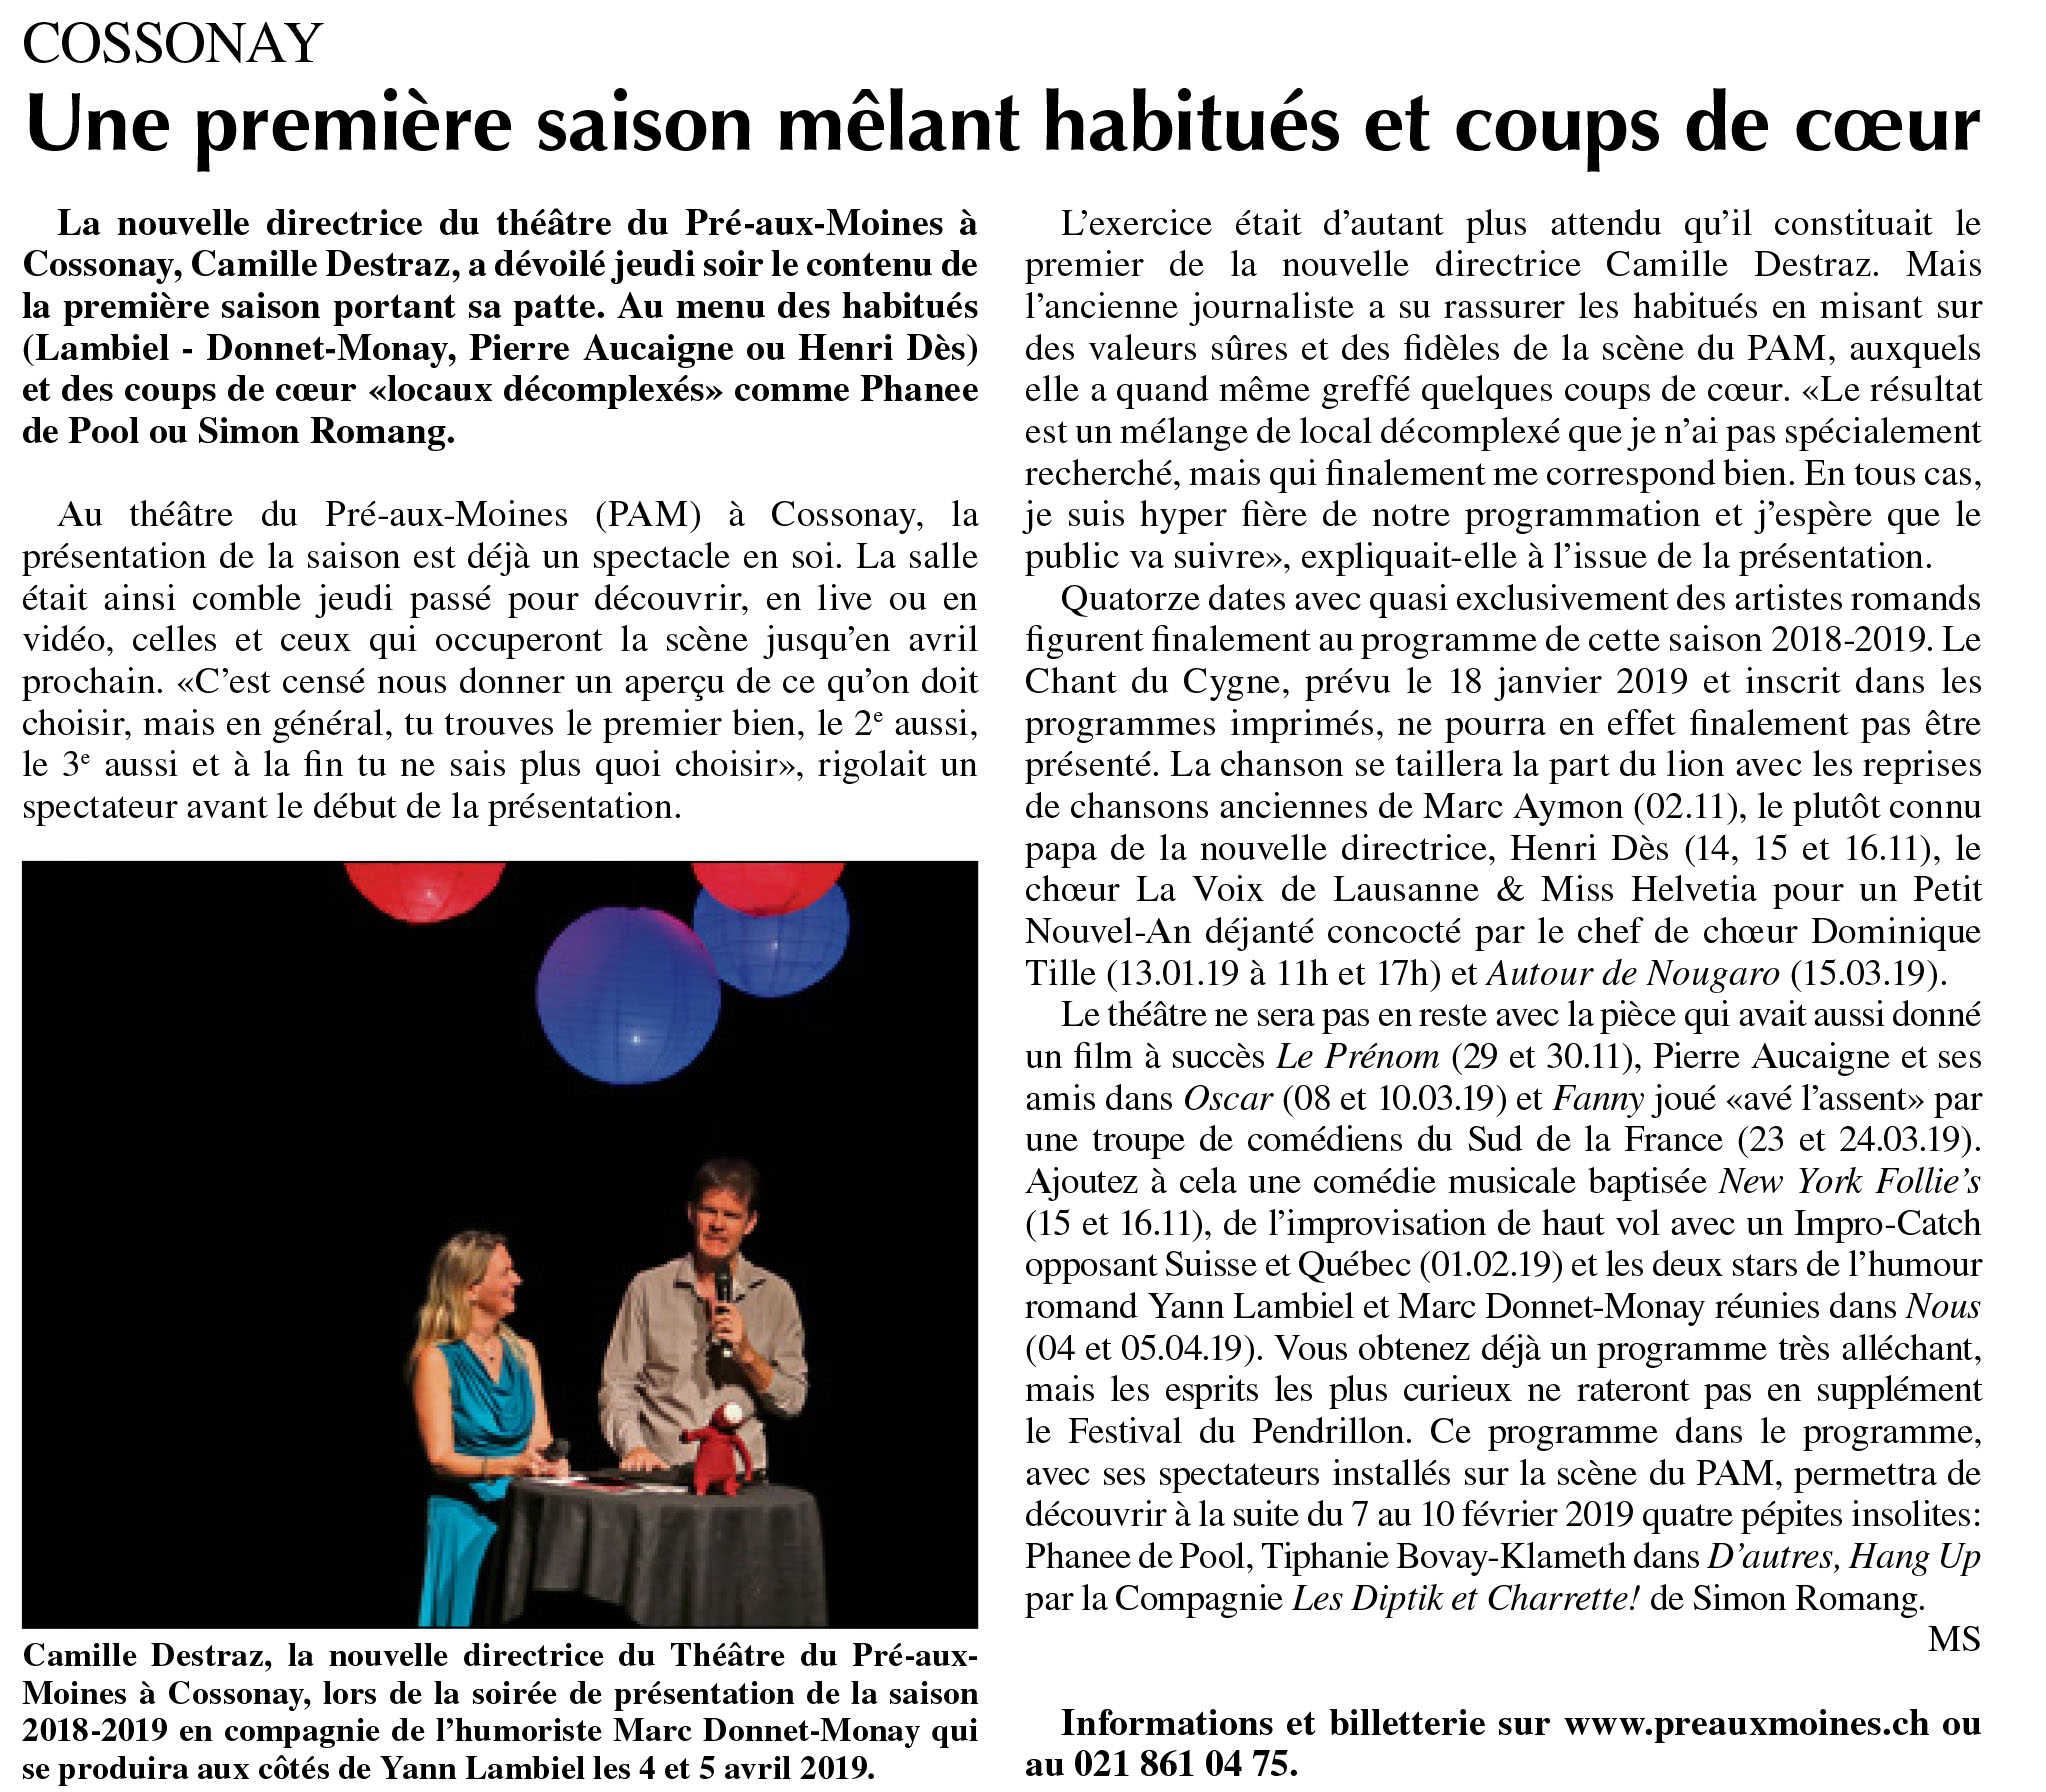 L'Echo du Gros-de-Vaud, 07.09.2018